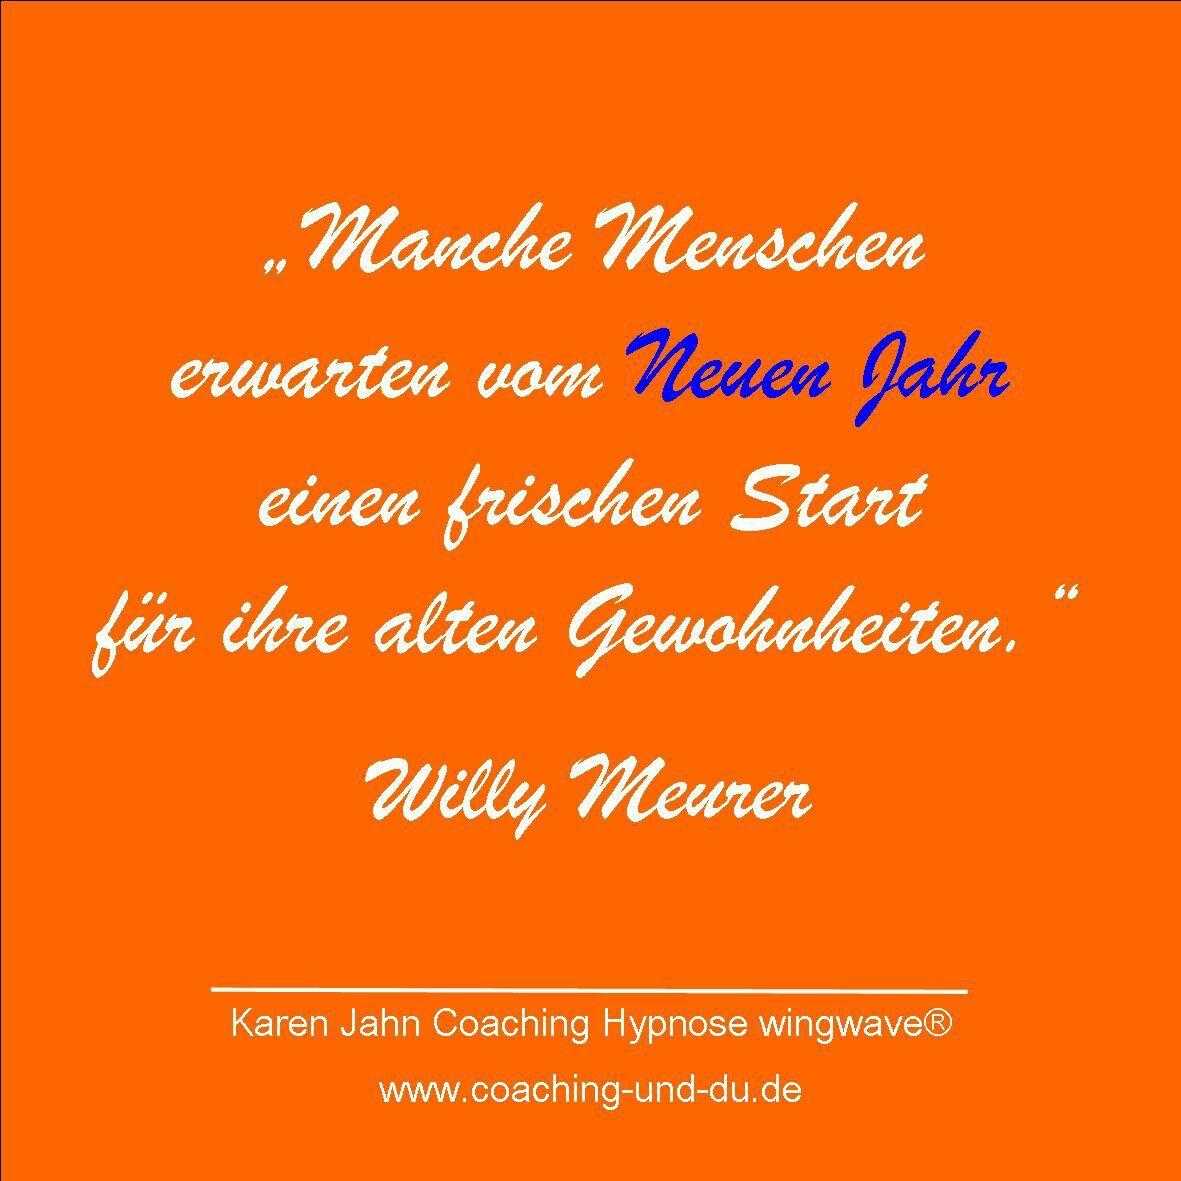 """Gewohnheiten verändern, um etwas zu verändern. Karen Jahn Coaching Hypnose Wingwave in Berlin und Brandenburg  """"Manche Menschen erwartenvom Neuen Jahr einen frischen Start für ihre alten Gewohnheiten."""" Willy Meurer"""